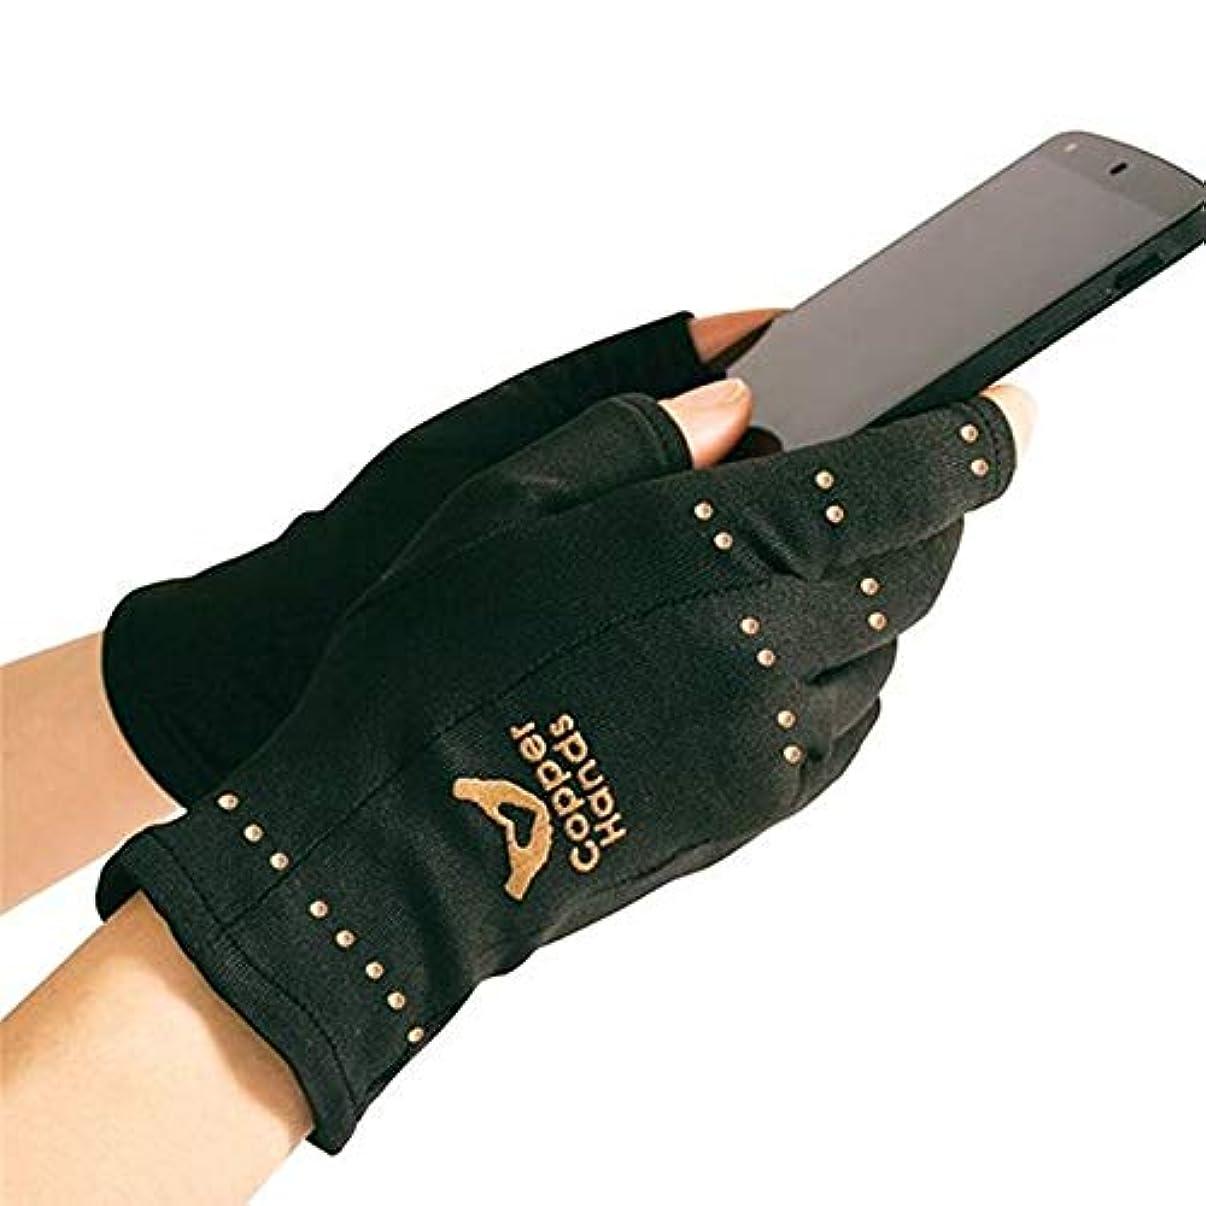 ぼかすリフレッシュクスコhapler 磁気療法手袋 磁気手袋 通気性 抗浮腫 関節炎手袋 関節炎着圧手袋 1ペア指なし手袋 関節炎解消 リウマチ性手痛 健康増進療法 手痛緩和手袋 男女通気性良い